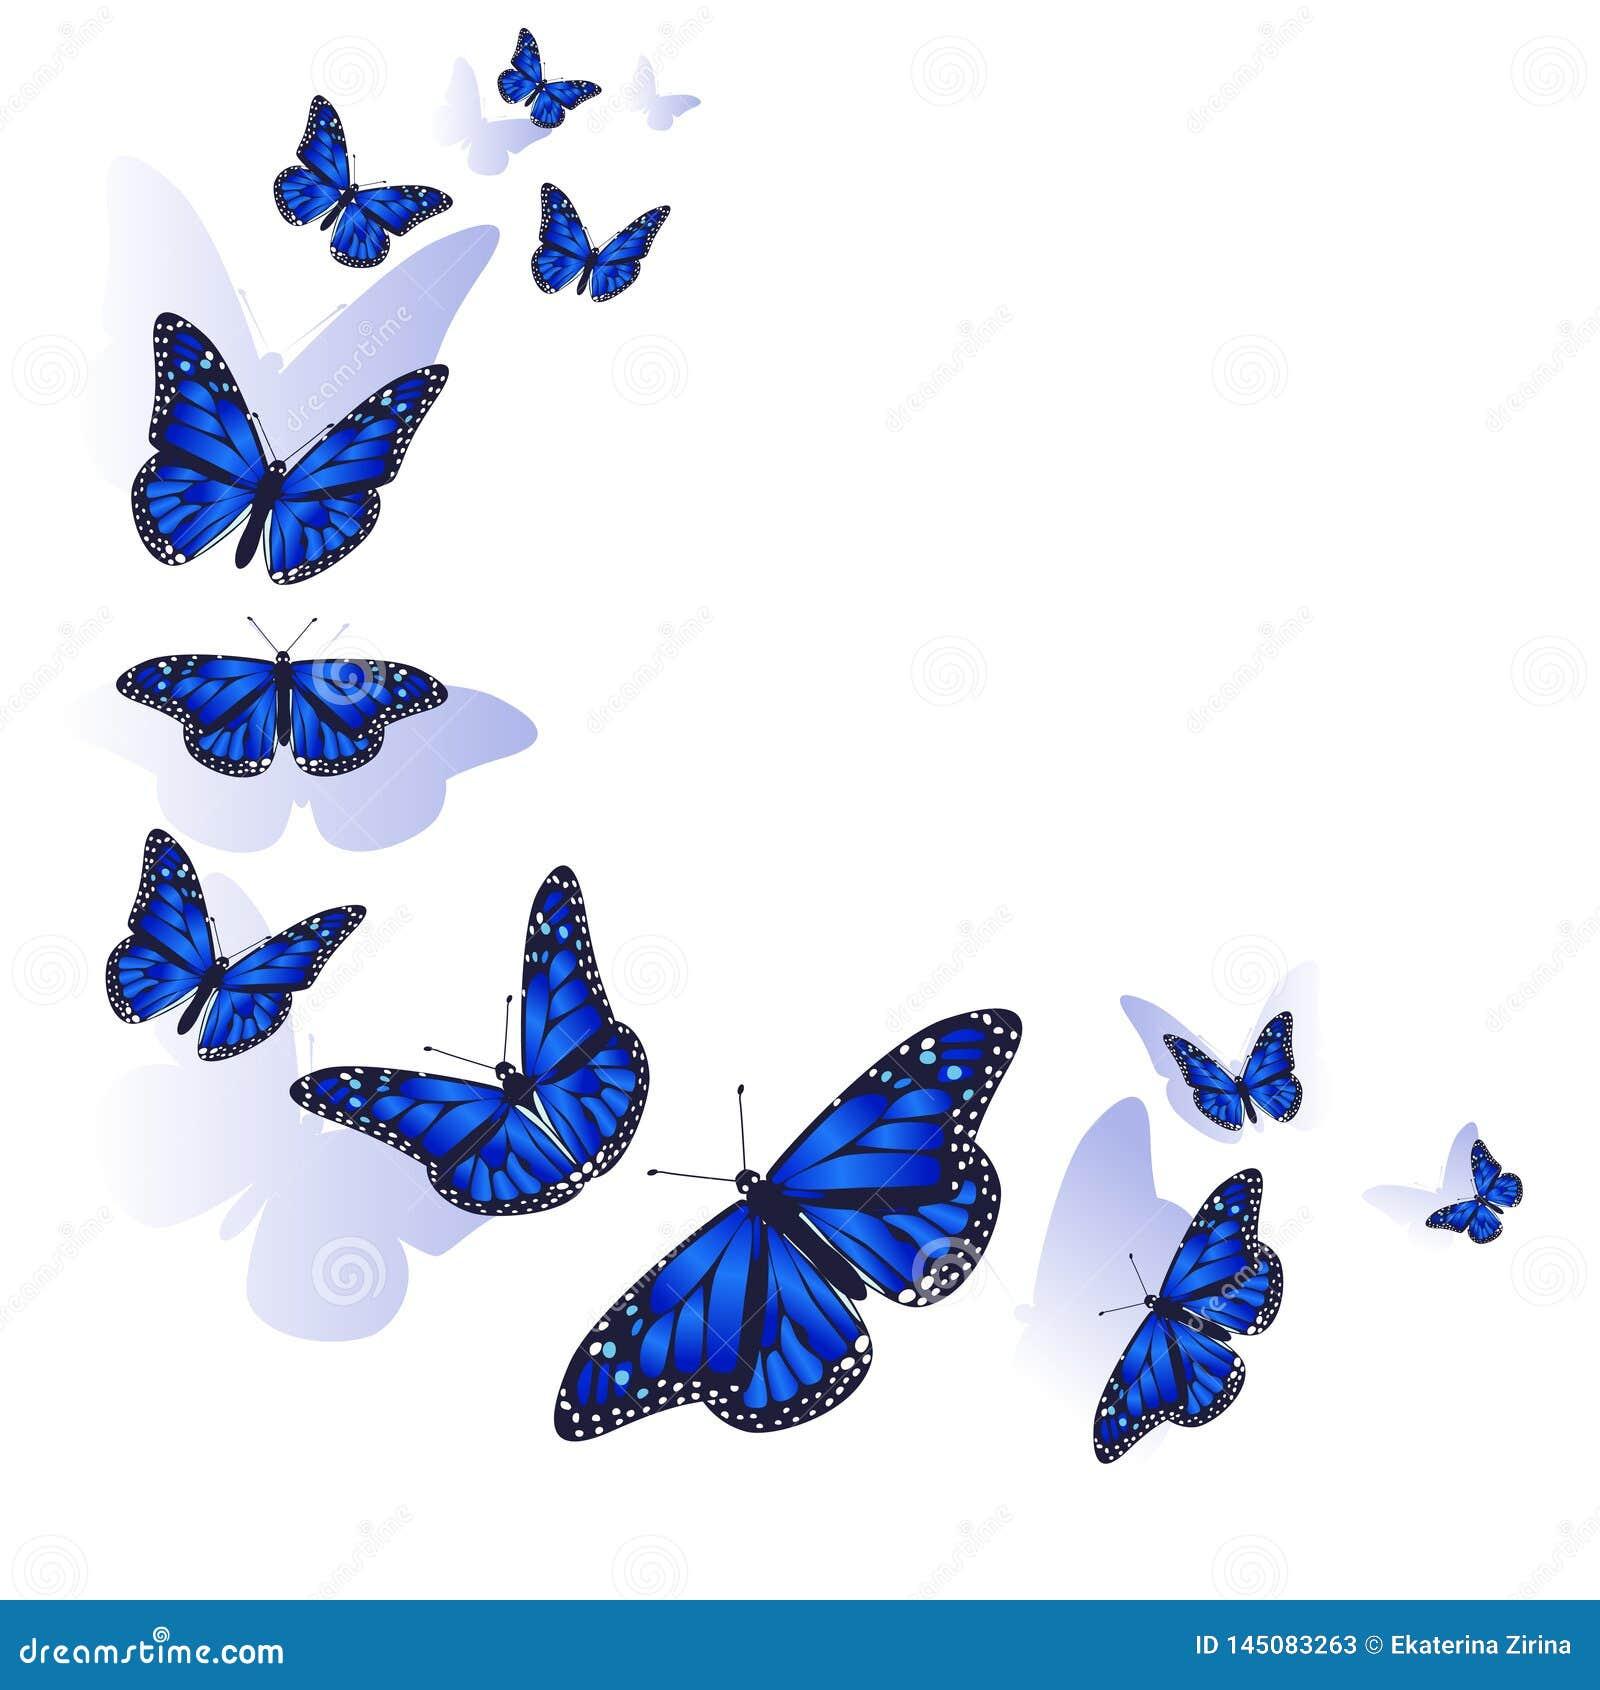 Elemento Del Disegno Pagina Fatta Delle Farfalle Farfalle Blu Su Una